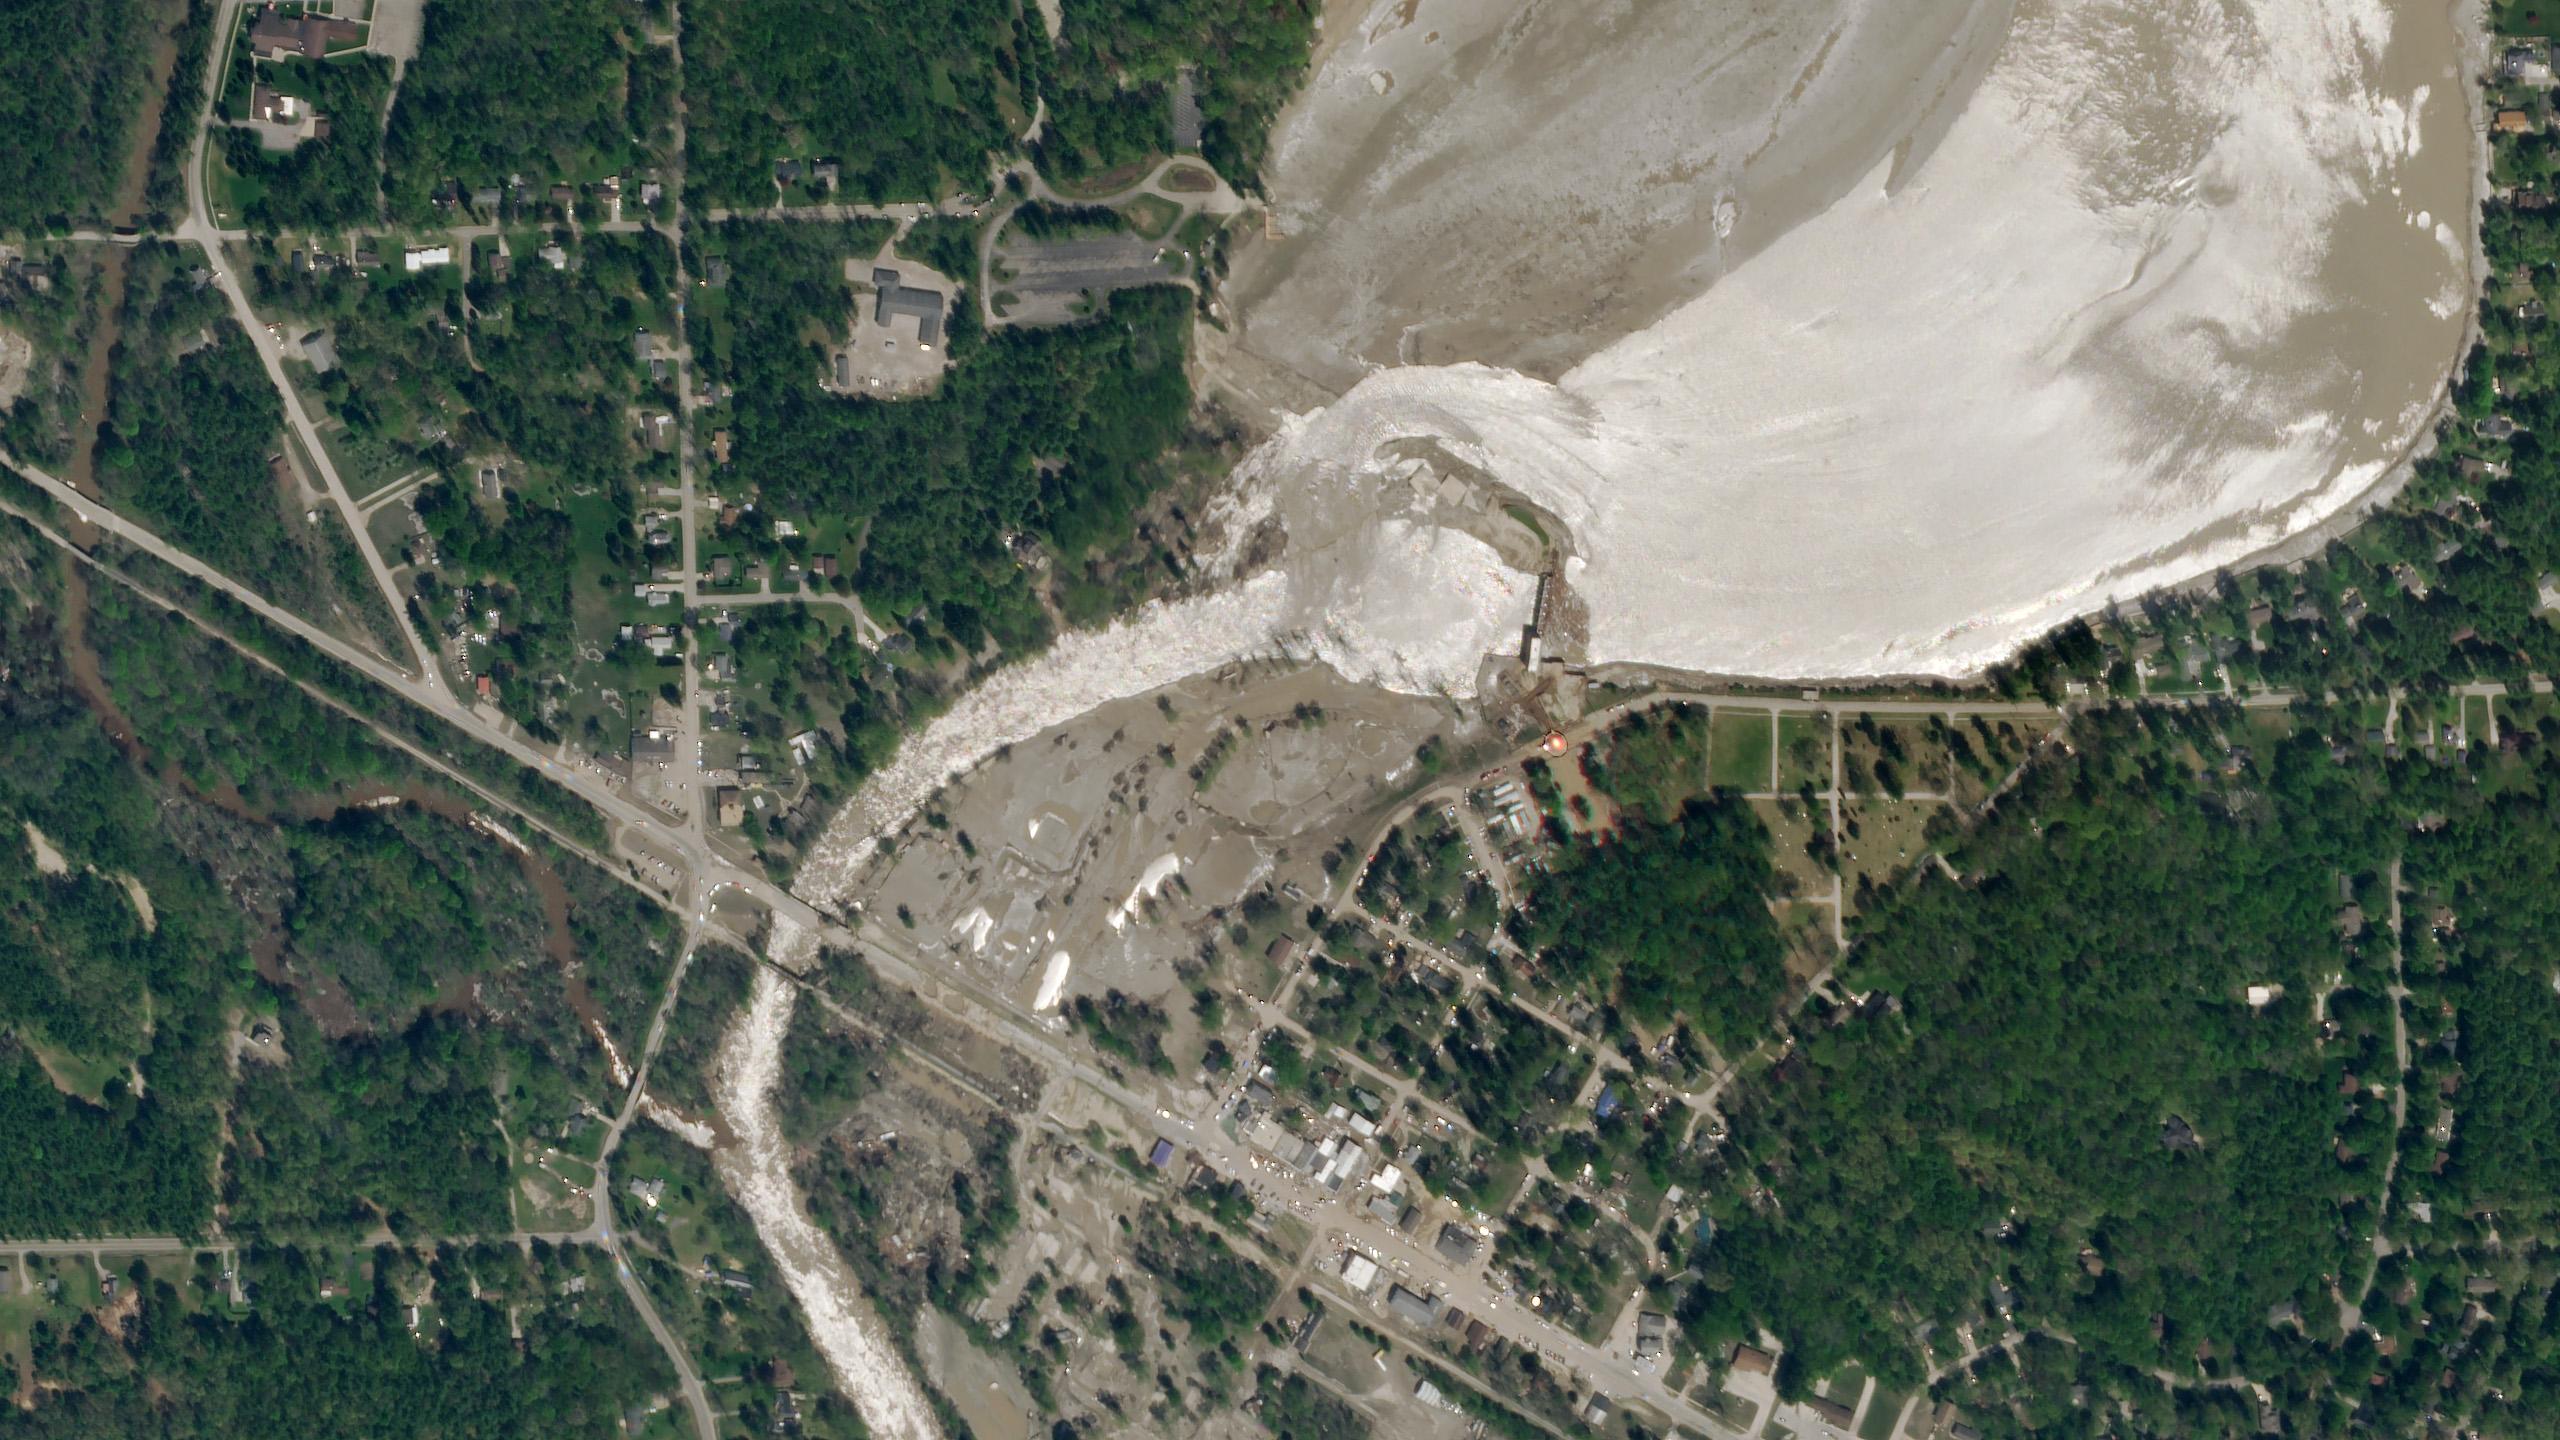 Sandford dam breach